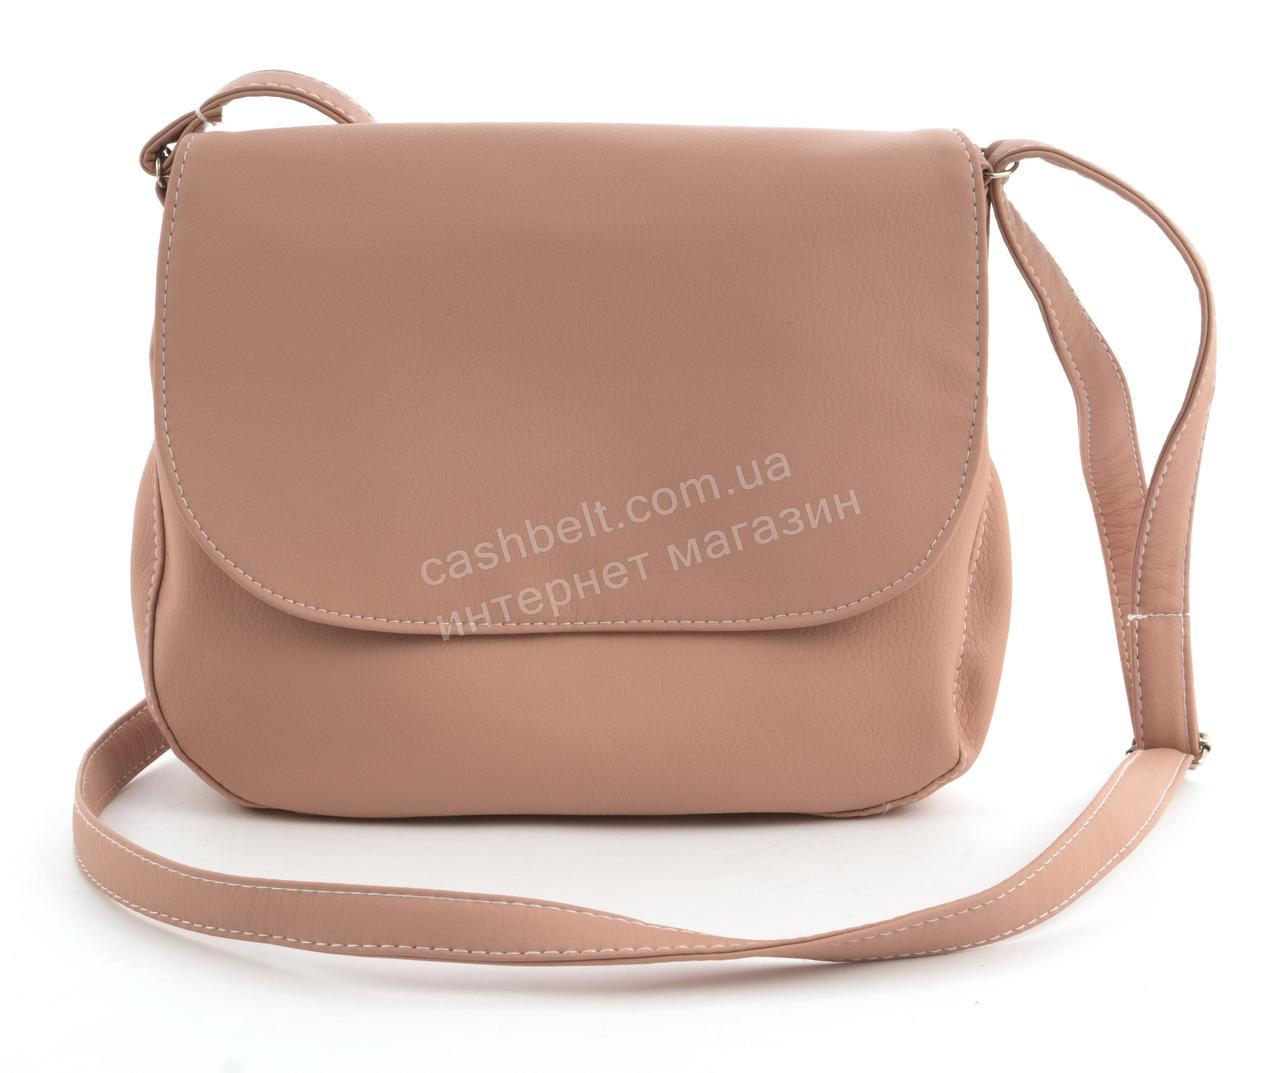 99030c6784b4 Аккуратная женская стильная сумка почтальонка Габриэлла art. розовая Sg  Украина (100092) - Ремешок